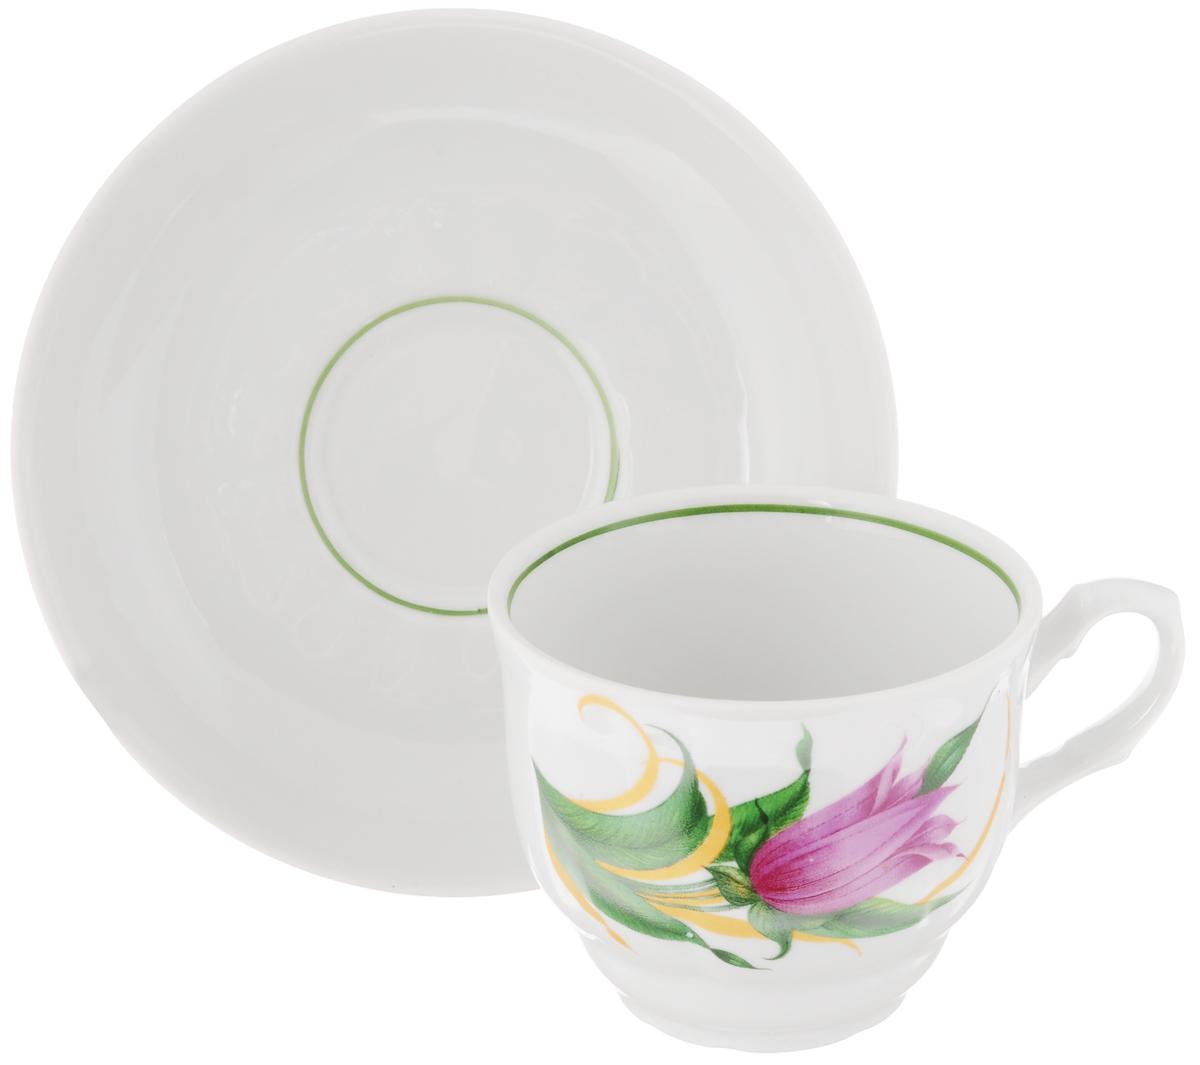 Чайная пара Тюльпан. Колокольчики, 2 предмета54 009312Чайная пара Тюльпан. Колокольчики состоит из чашки и блюдца, изготовленных из высококачественного фарфора. Яркий дизайн, несомненно, придется вам по вкусу.Чайная пара Тюльпан. Колокольчики украсит ваш кухонный стол, а также станет замечательным подарком к любому празднику.Объем чашки: 250 мл.Диаметр чашки (по верхнему краю): 8,7 см.Высота чашки: 7 см.Диаметр блюдца: 15 см.Высота блюдца: 3 см.